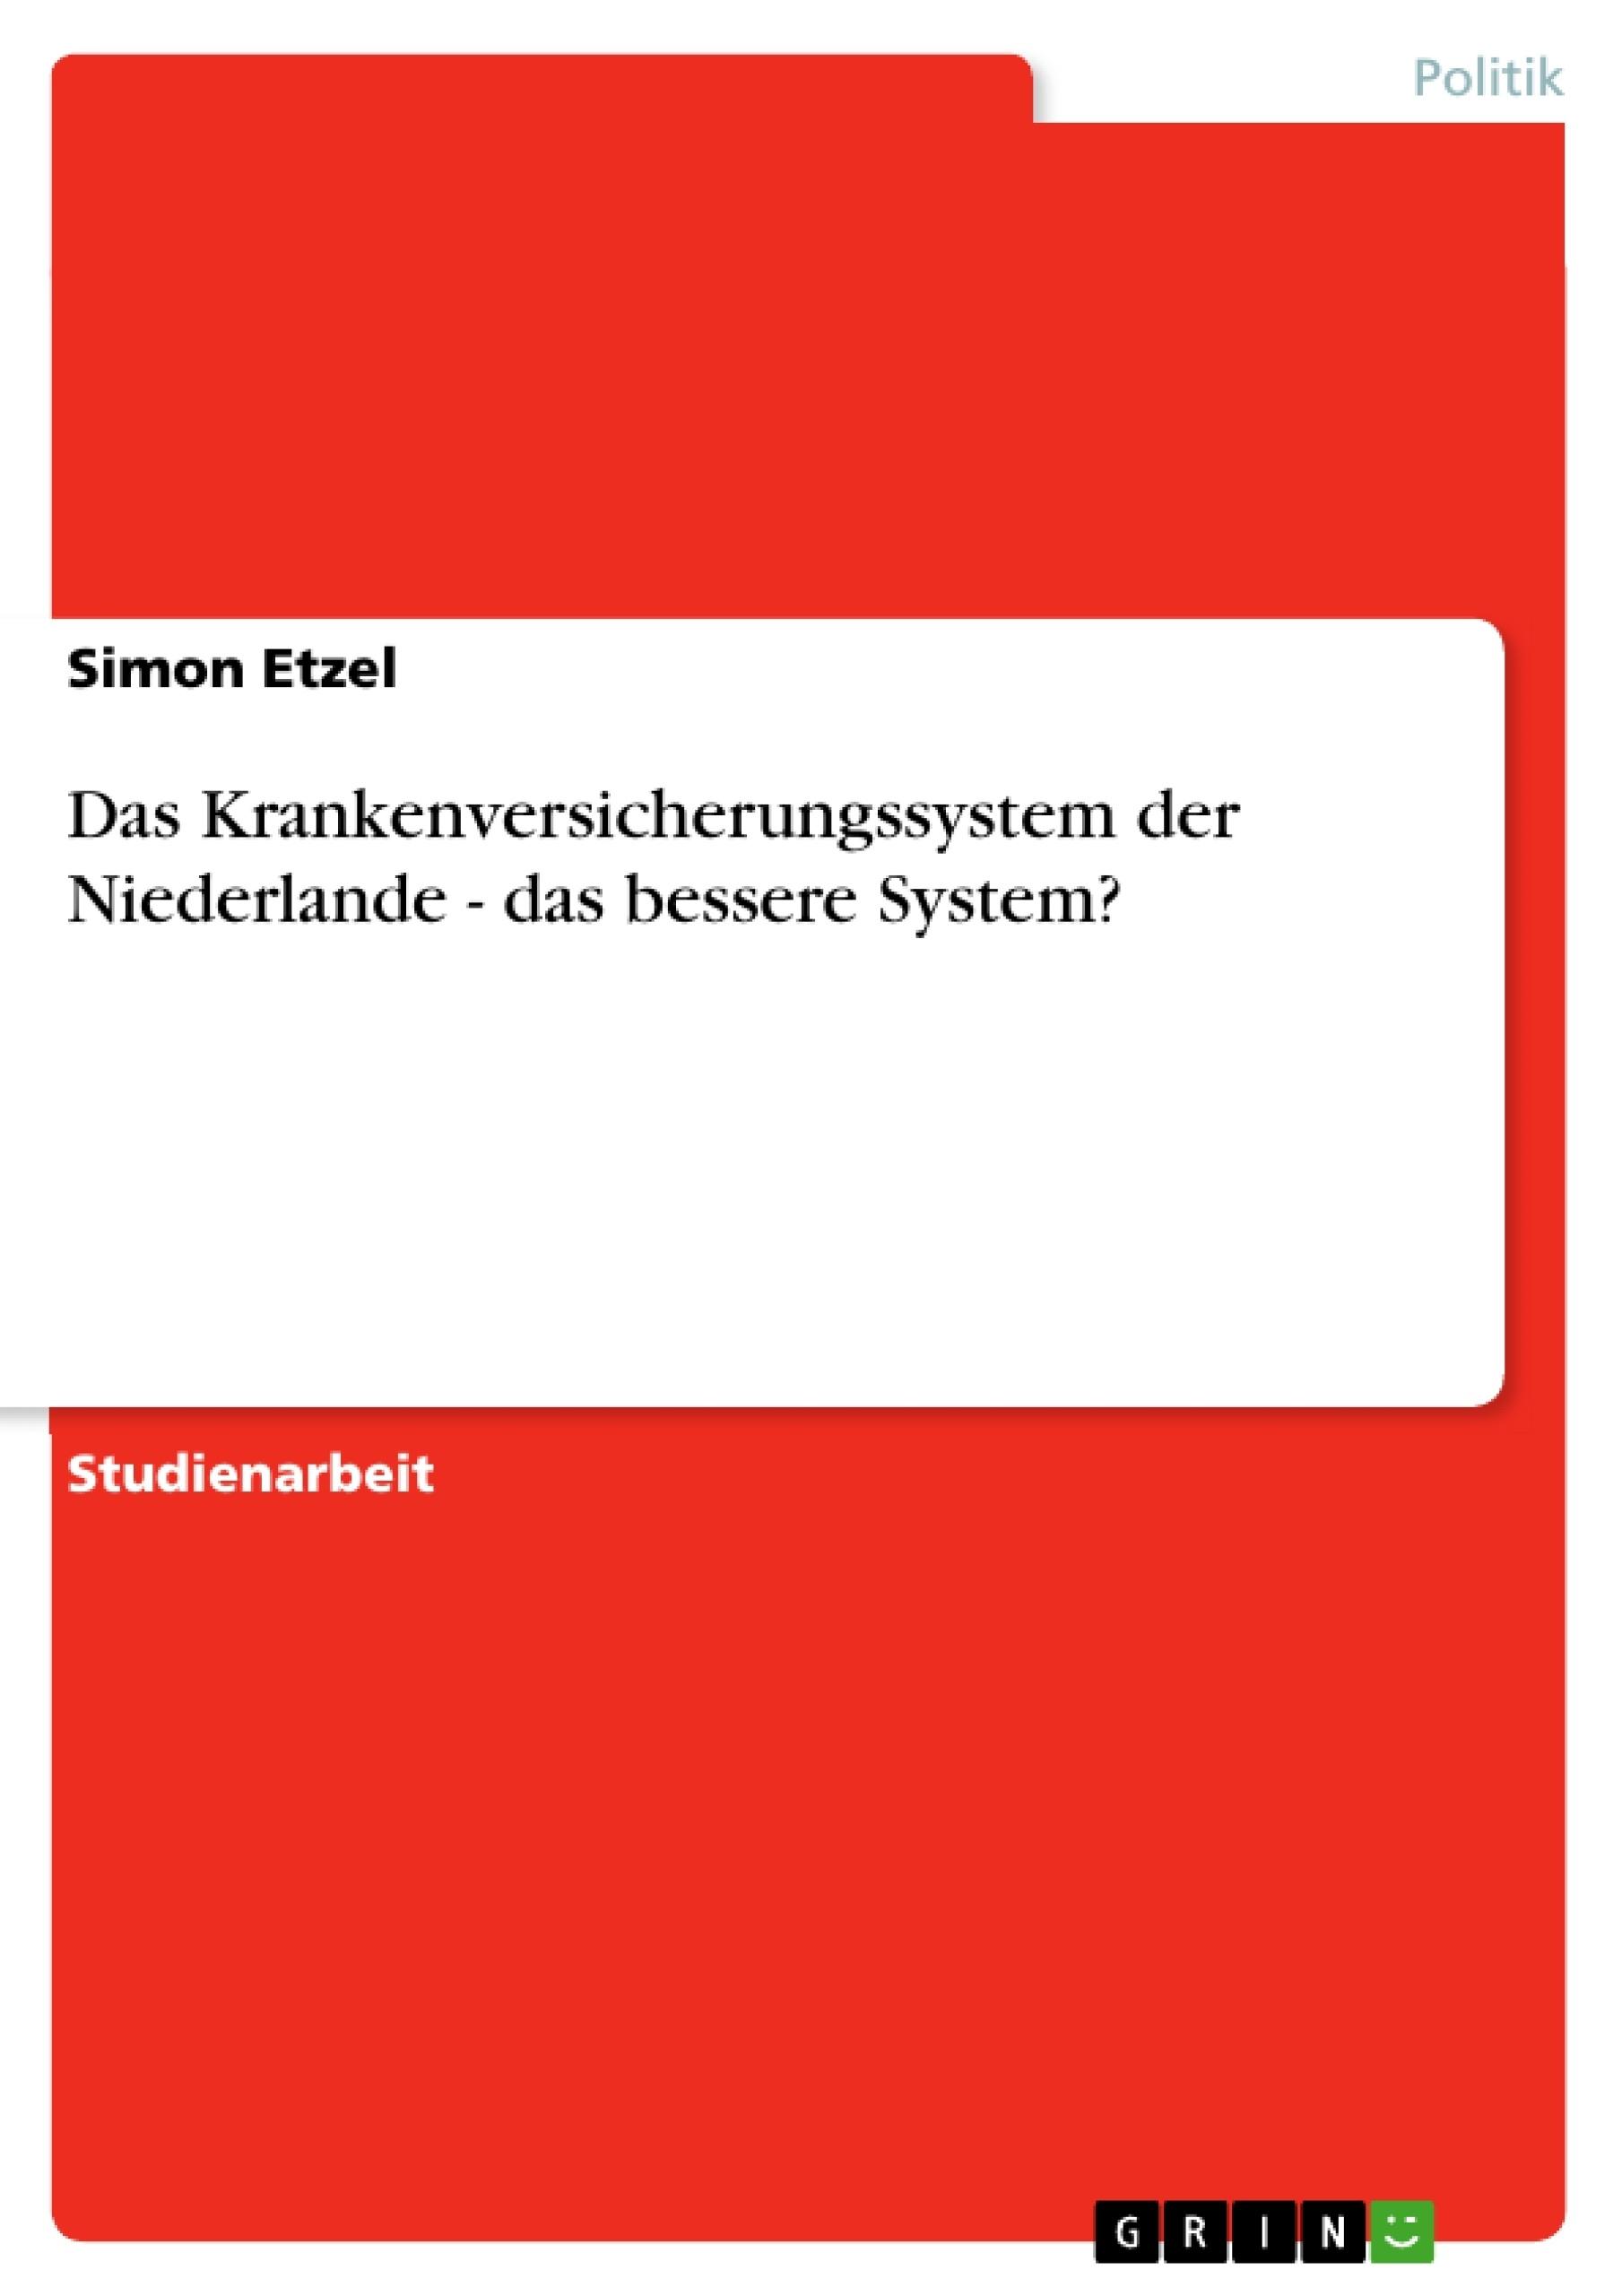 Titel: Das Krankenversicherungssystem der Niederlande - das bessere System?